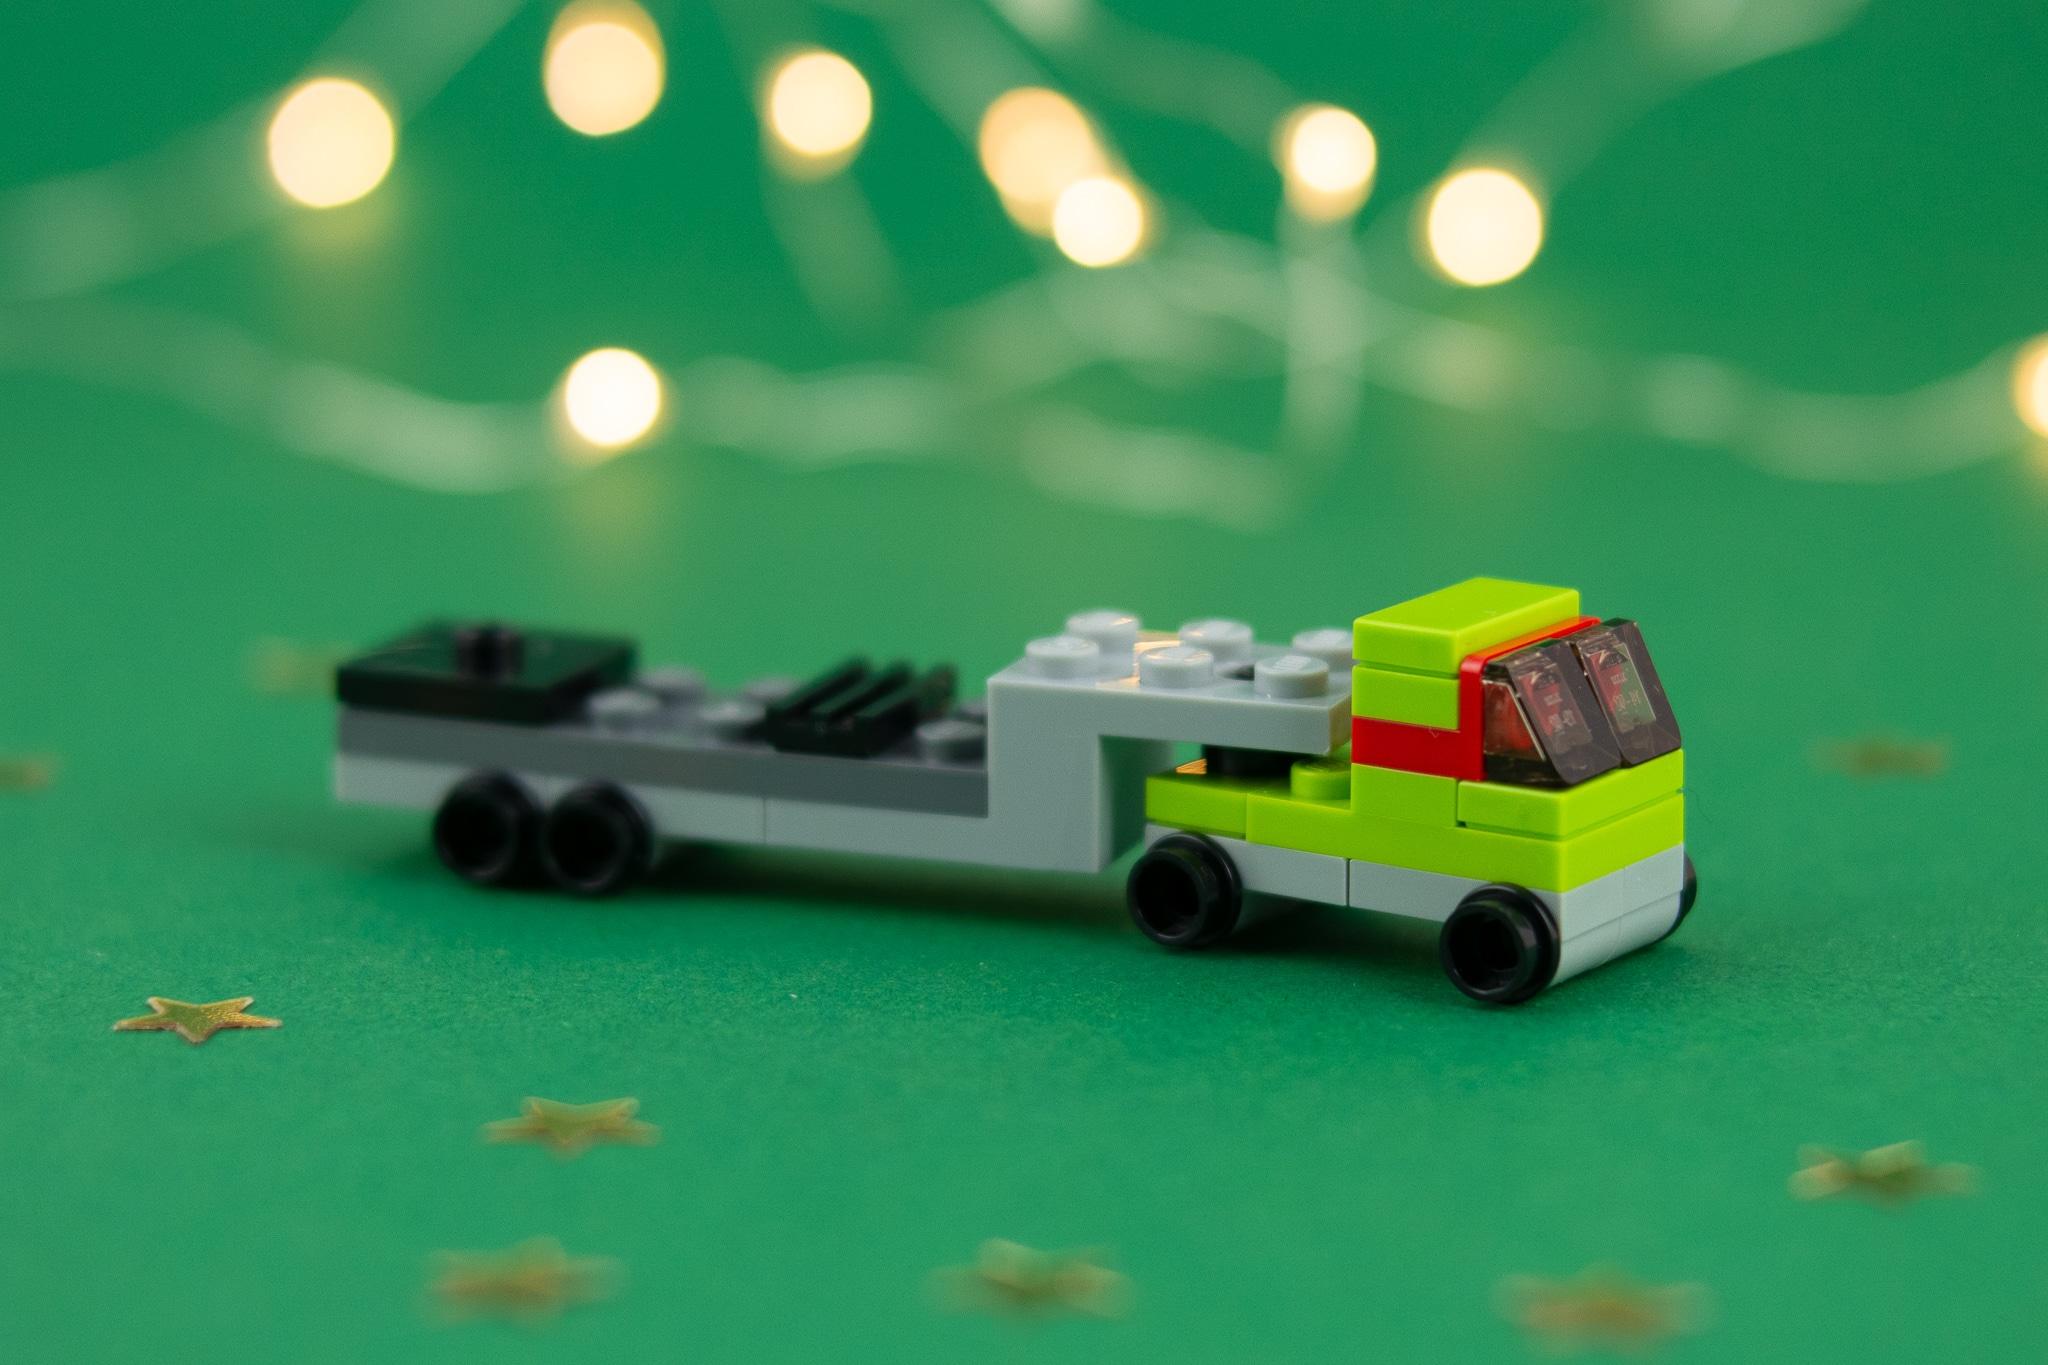 LEGO City 60268 Kalender Lkw (1)